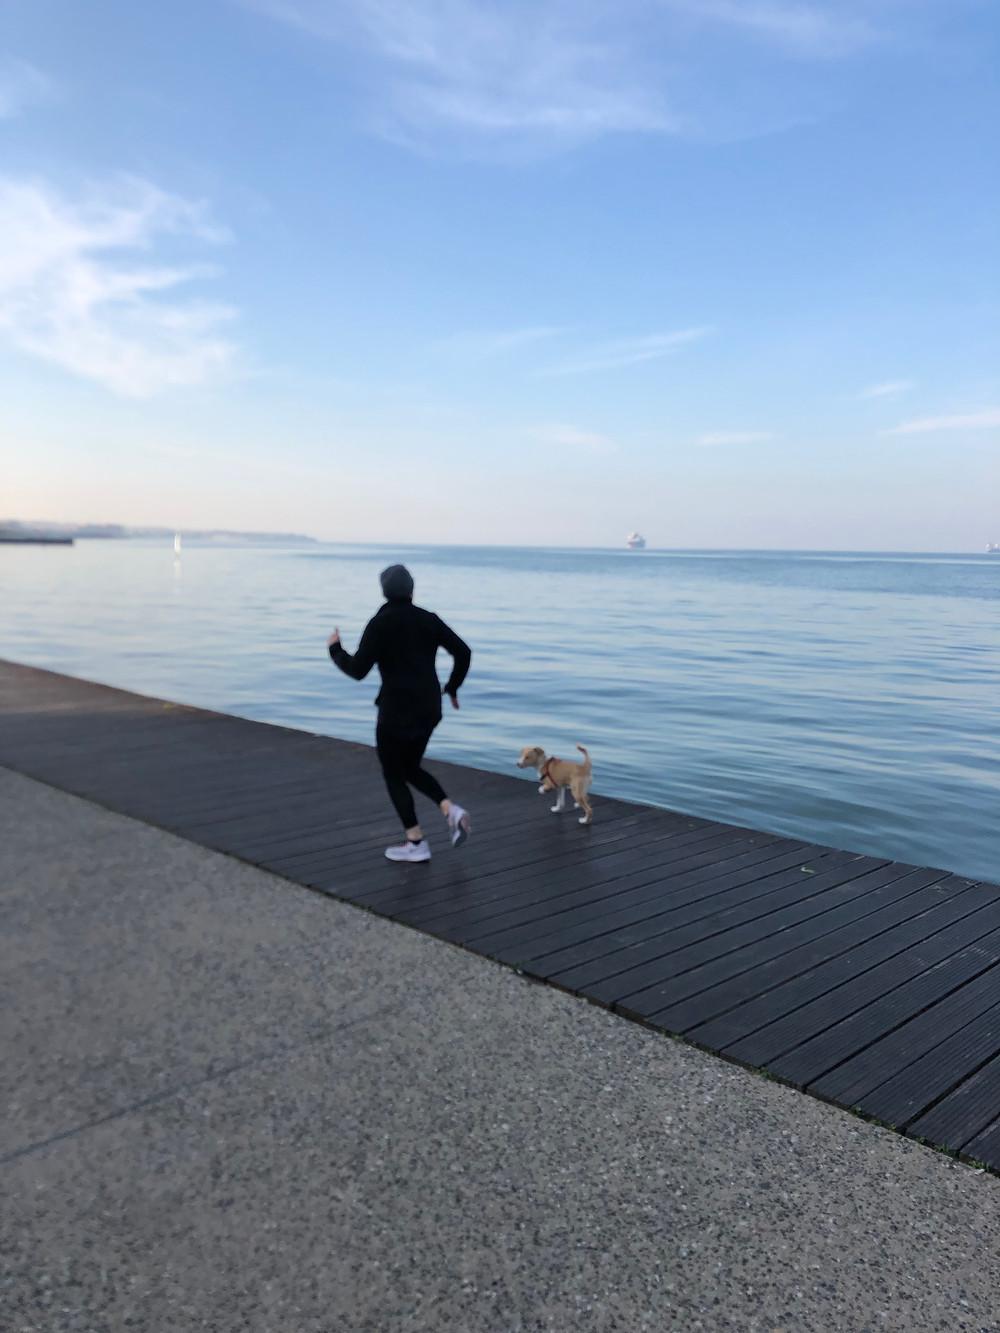 Το τρέξιμο με έκανε να αλλάξω την αυτοφρον΄τιδα μου